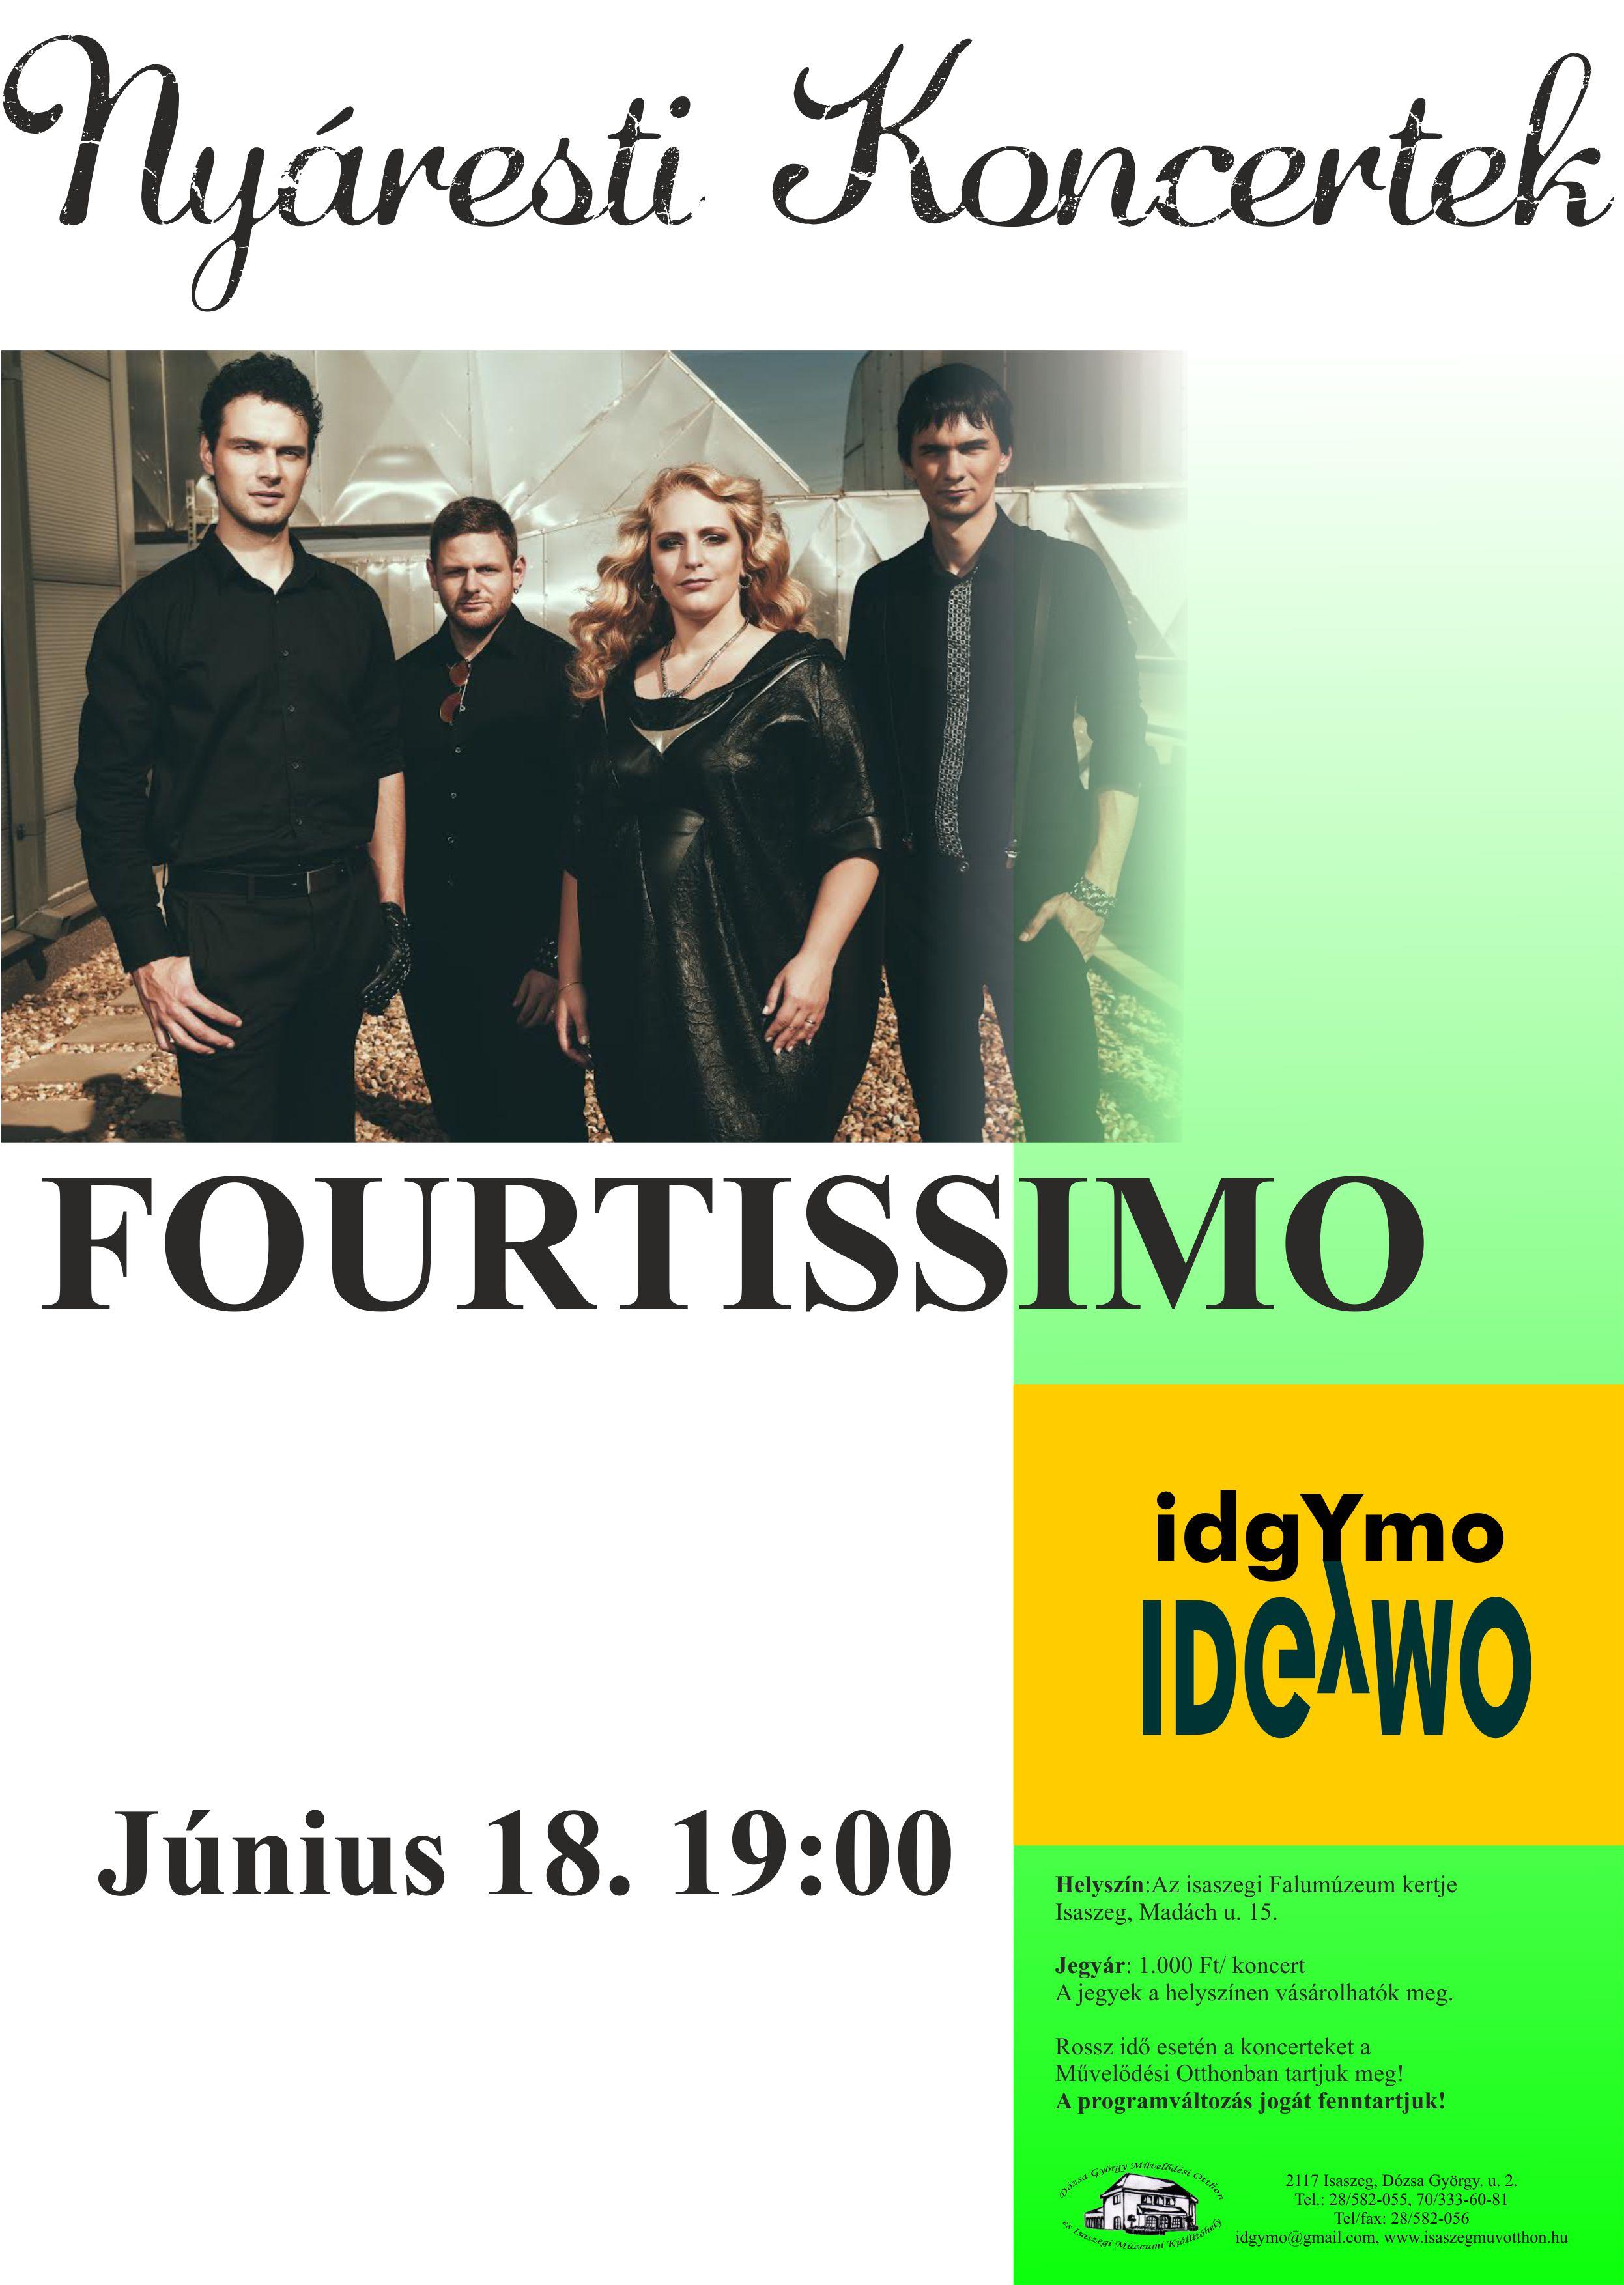 Fourtissimo